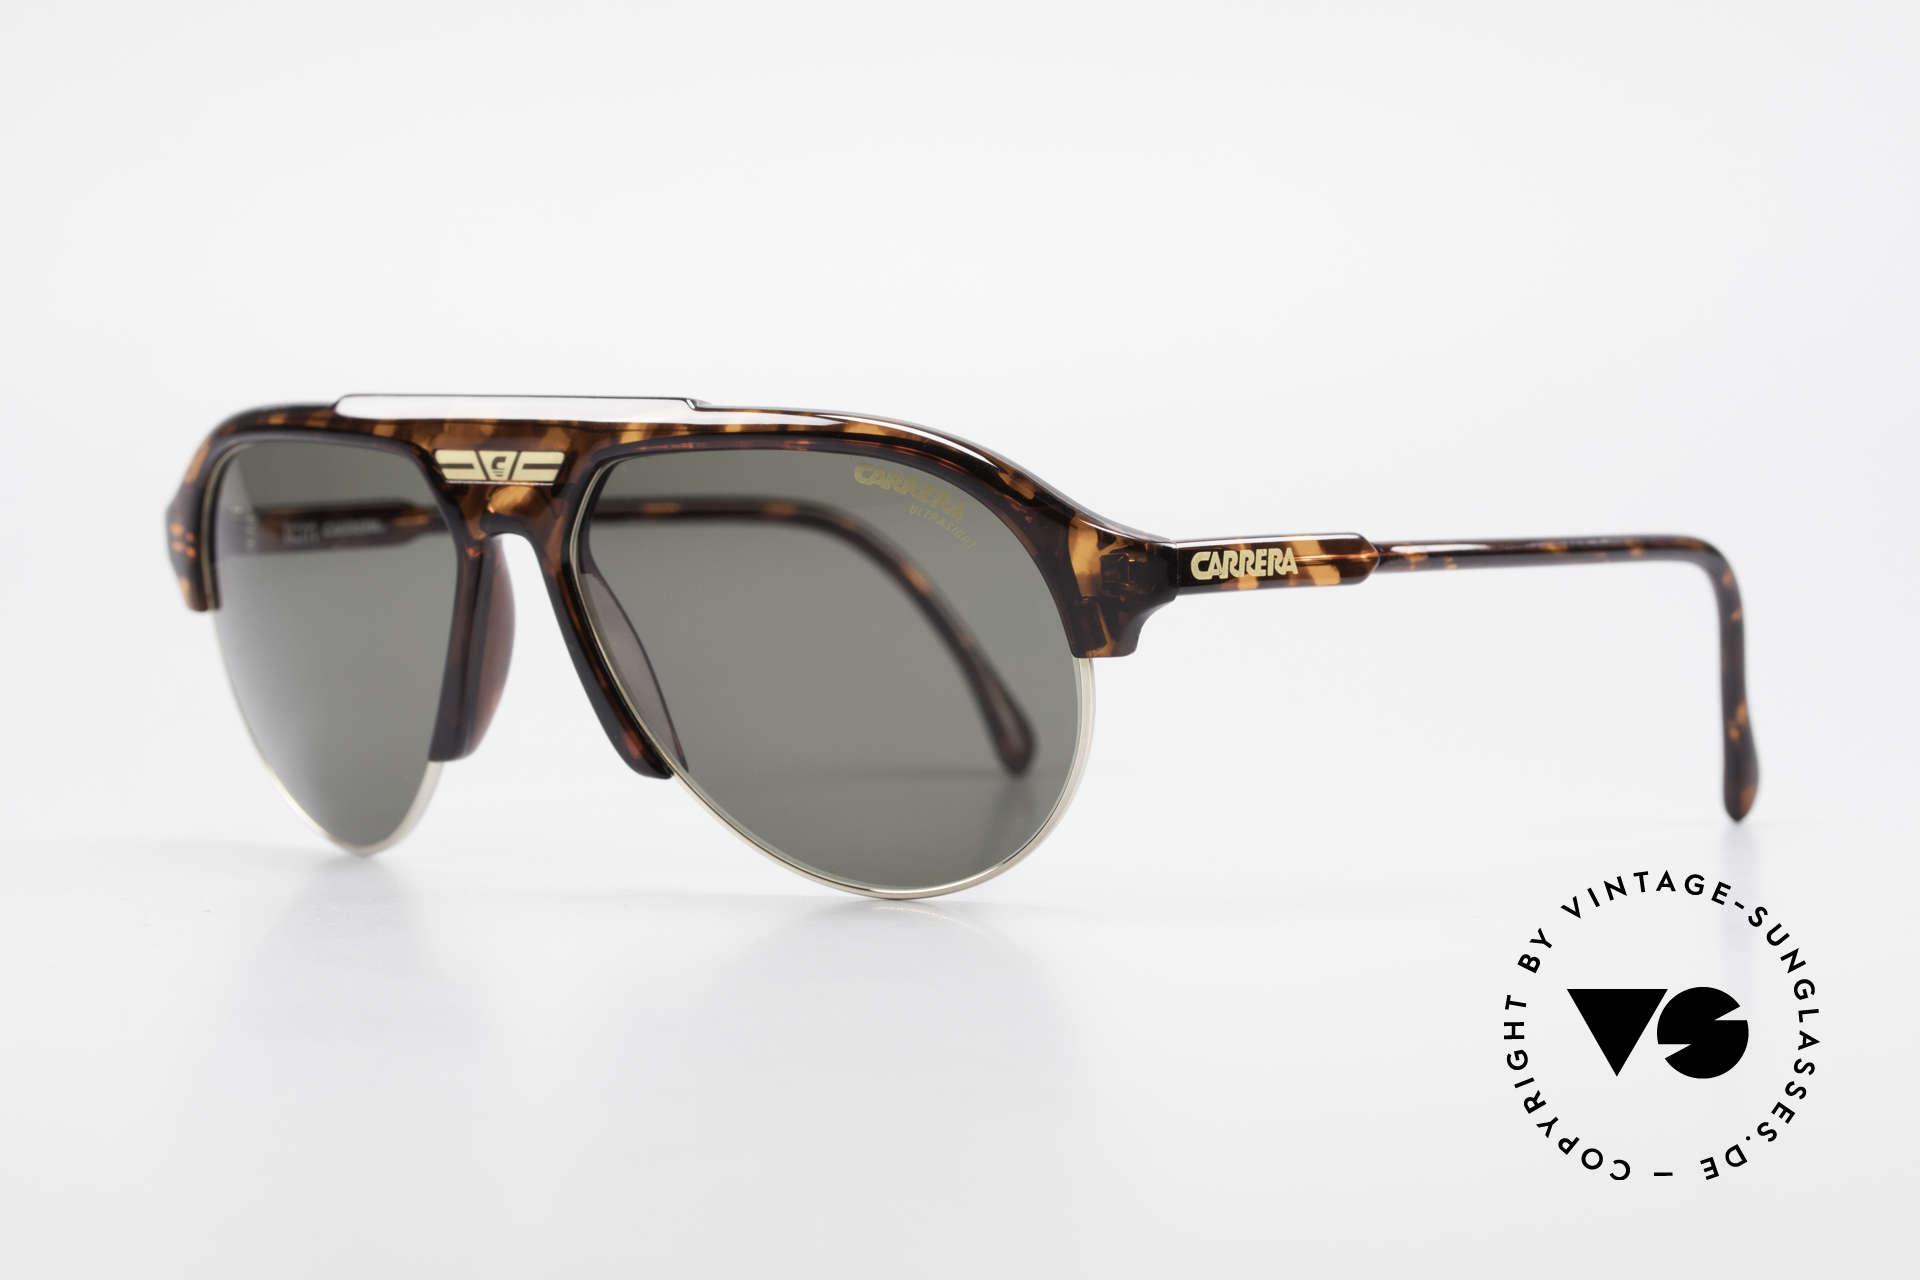 Carrera 5433 Aviator Sunglasses Men 90's, high-end Carrera Ultrasight lenses: 100% UV protection, Made for Men